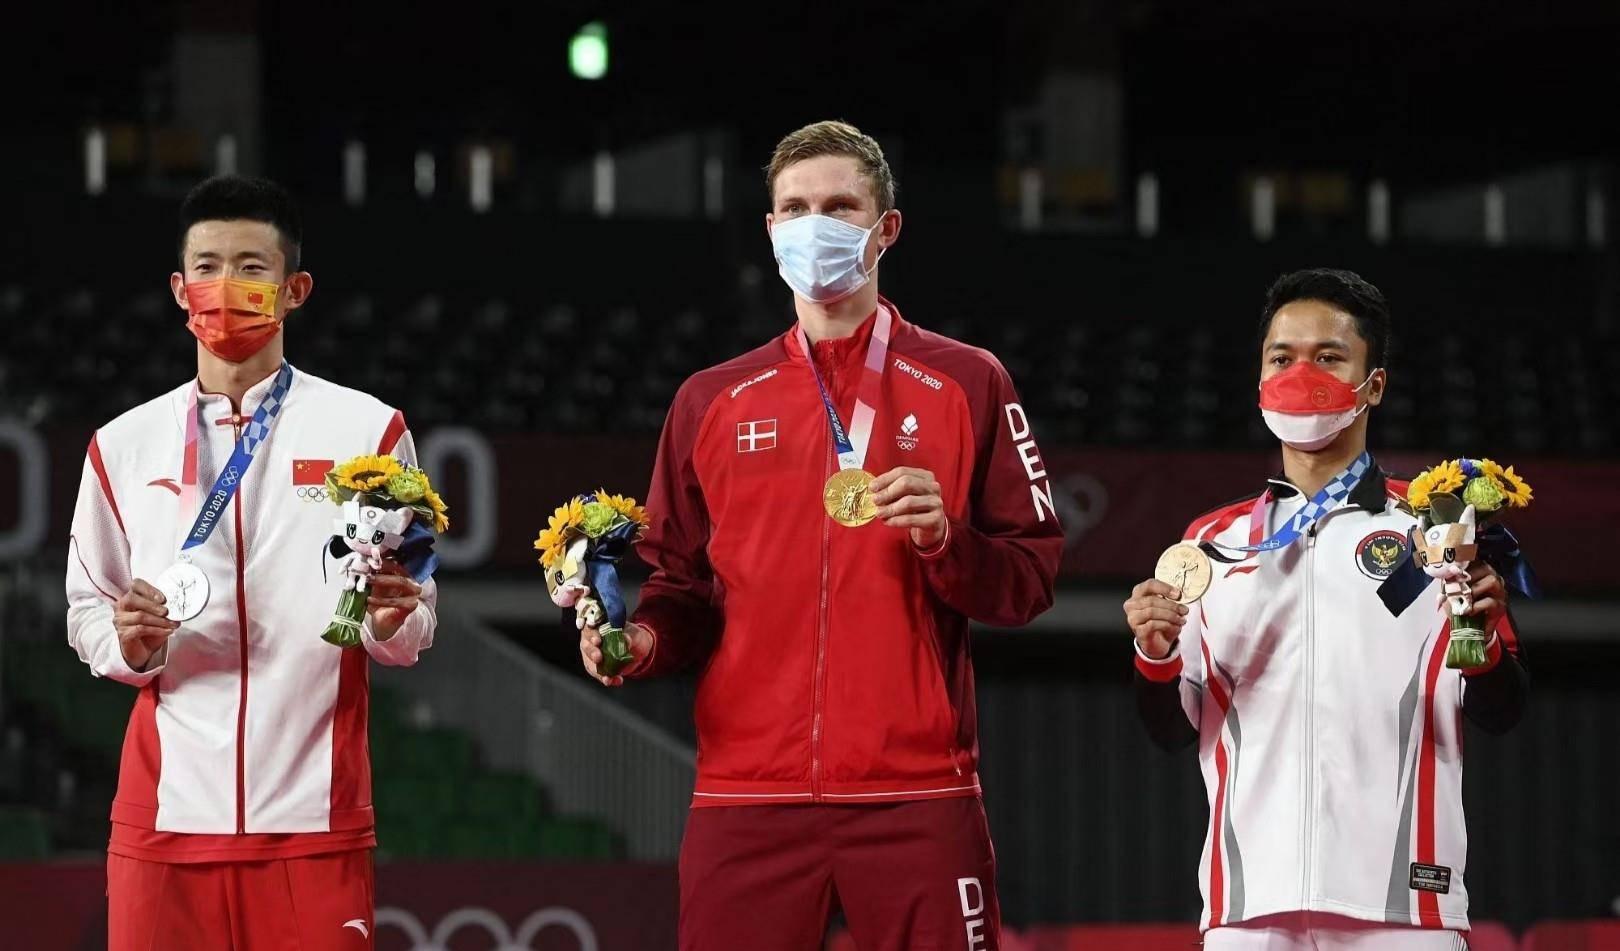 羽毛球运动的进步!安赛龙宣布退出丹麦国家队,自由人时代开启!